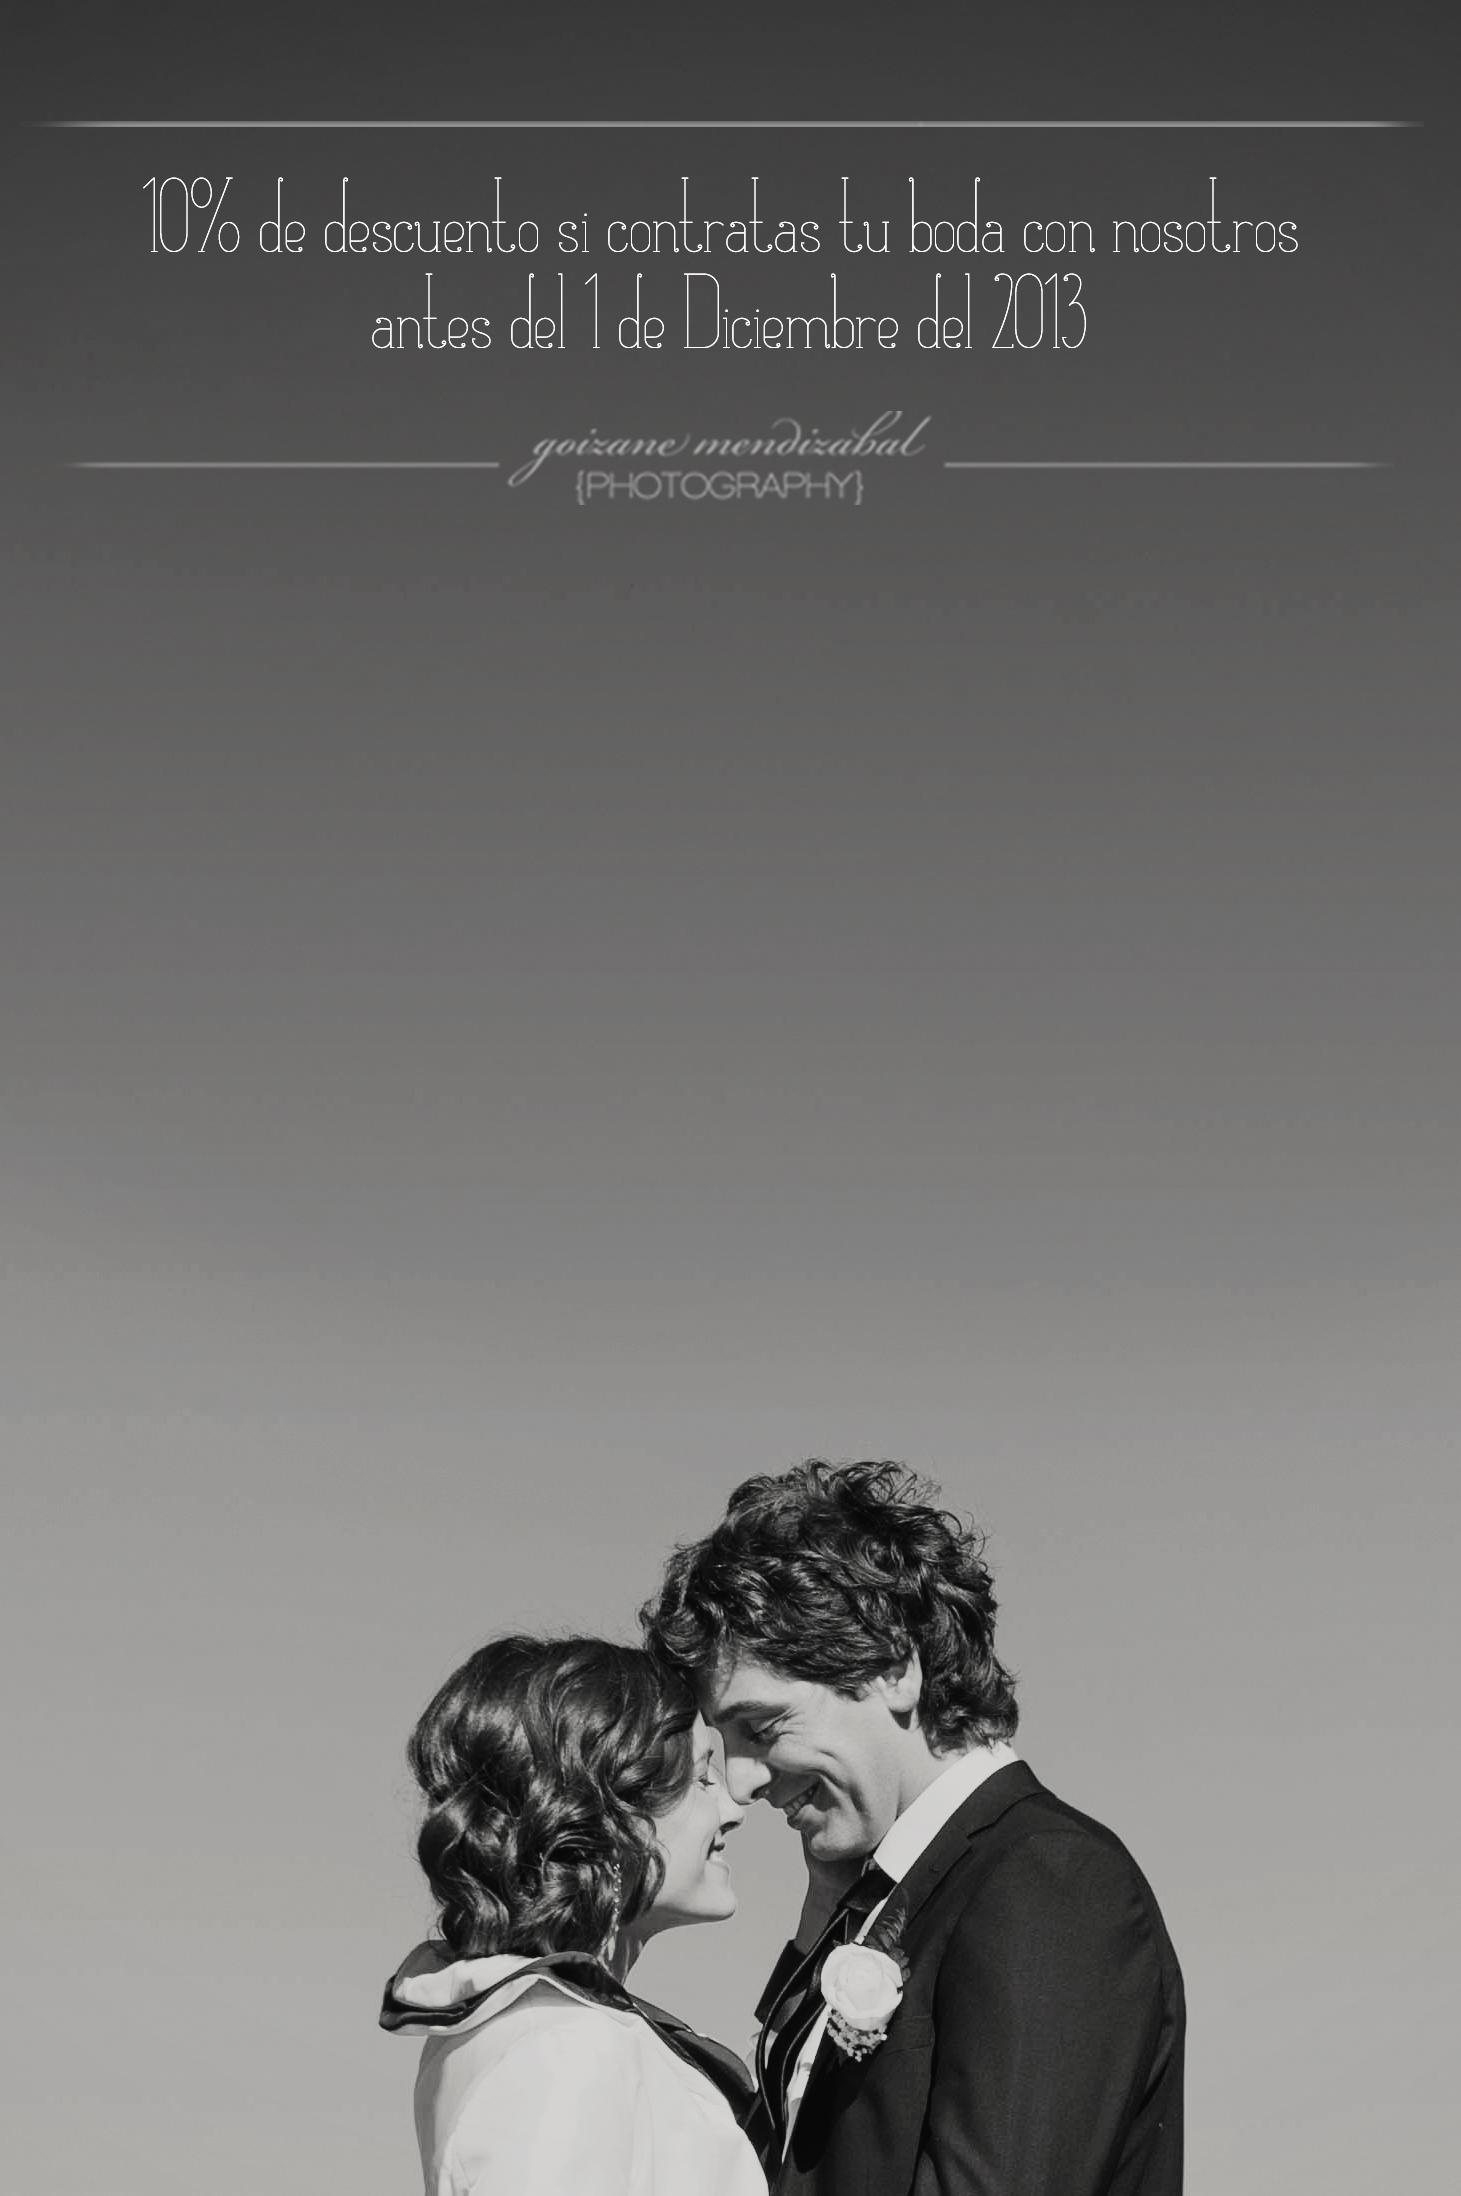 Promoción para las bodas del 2014